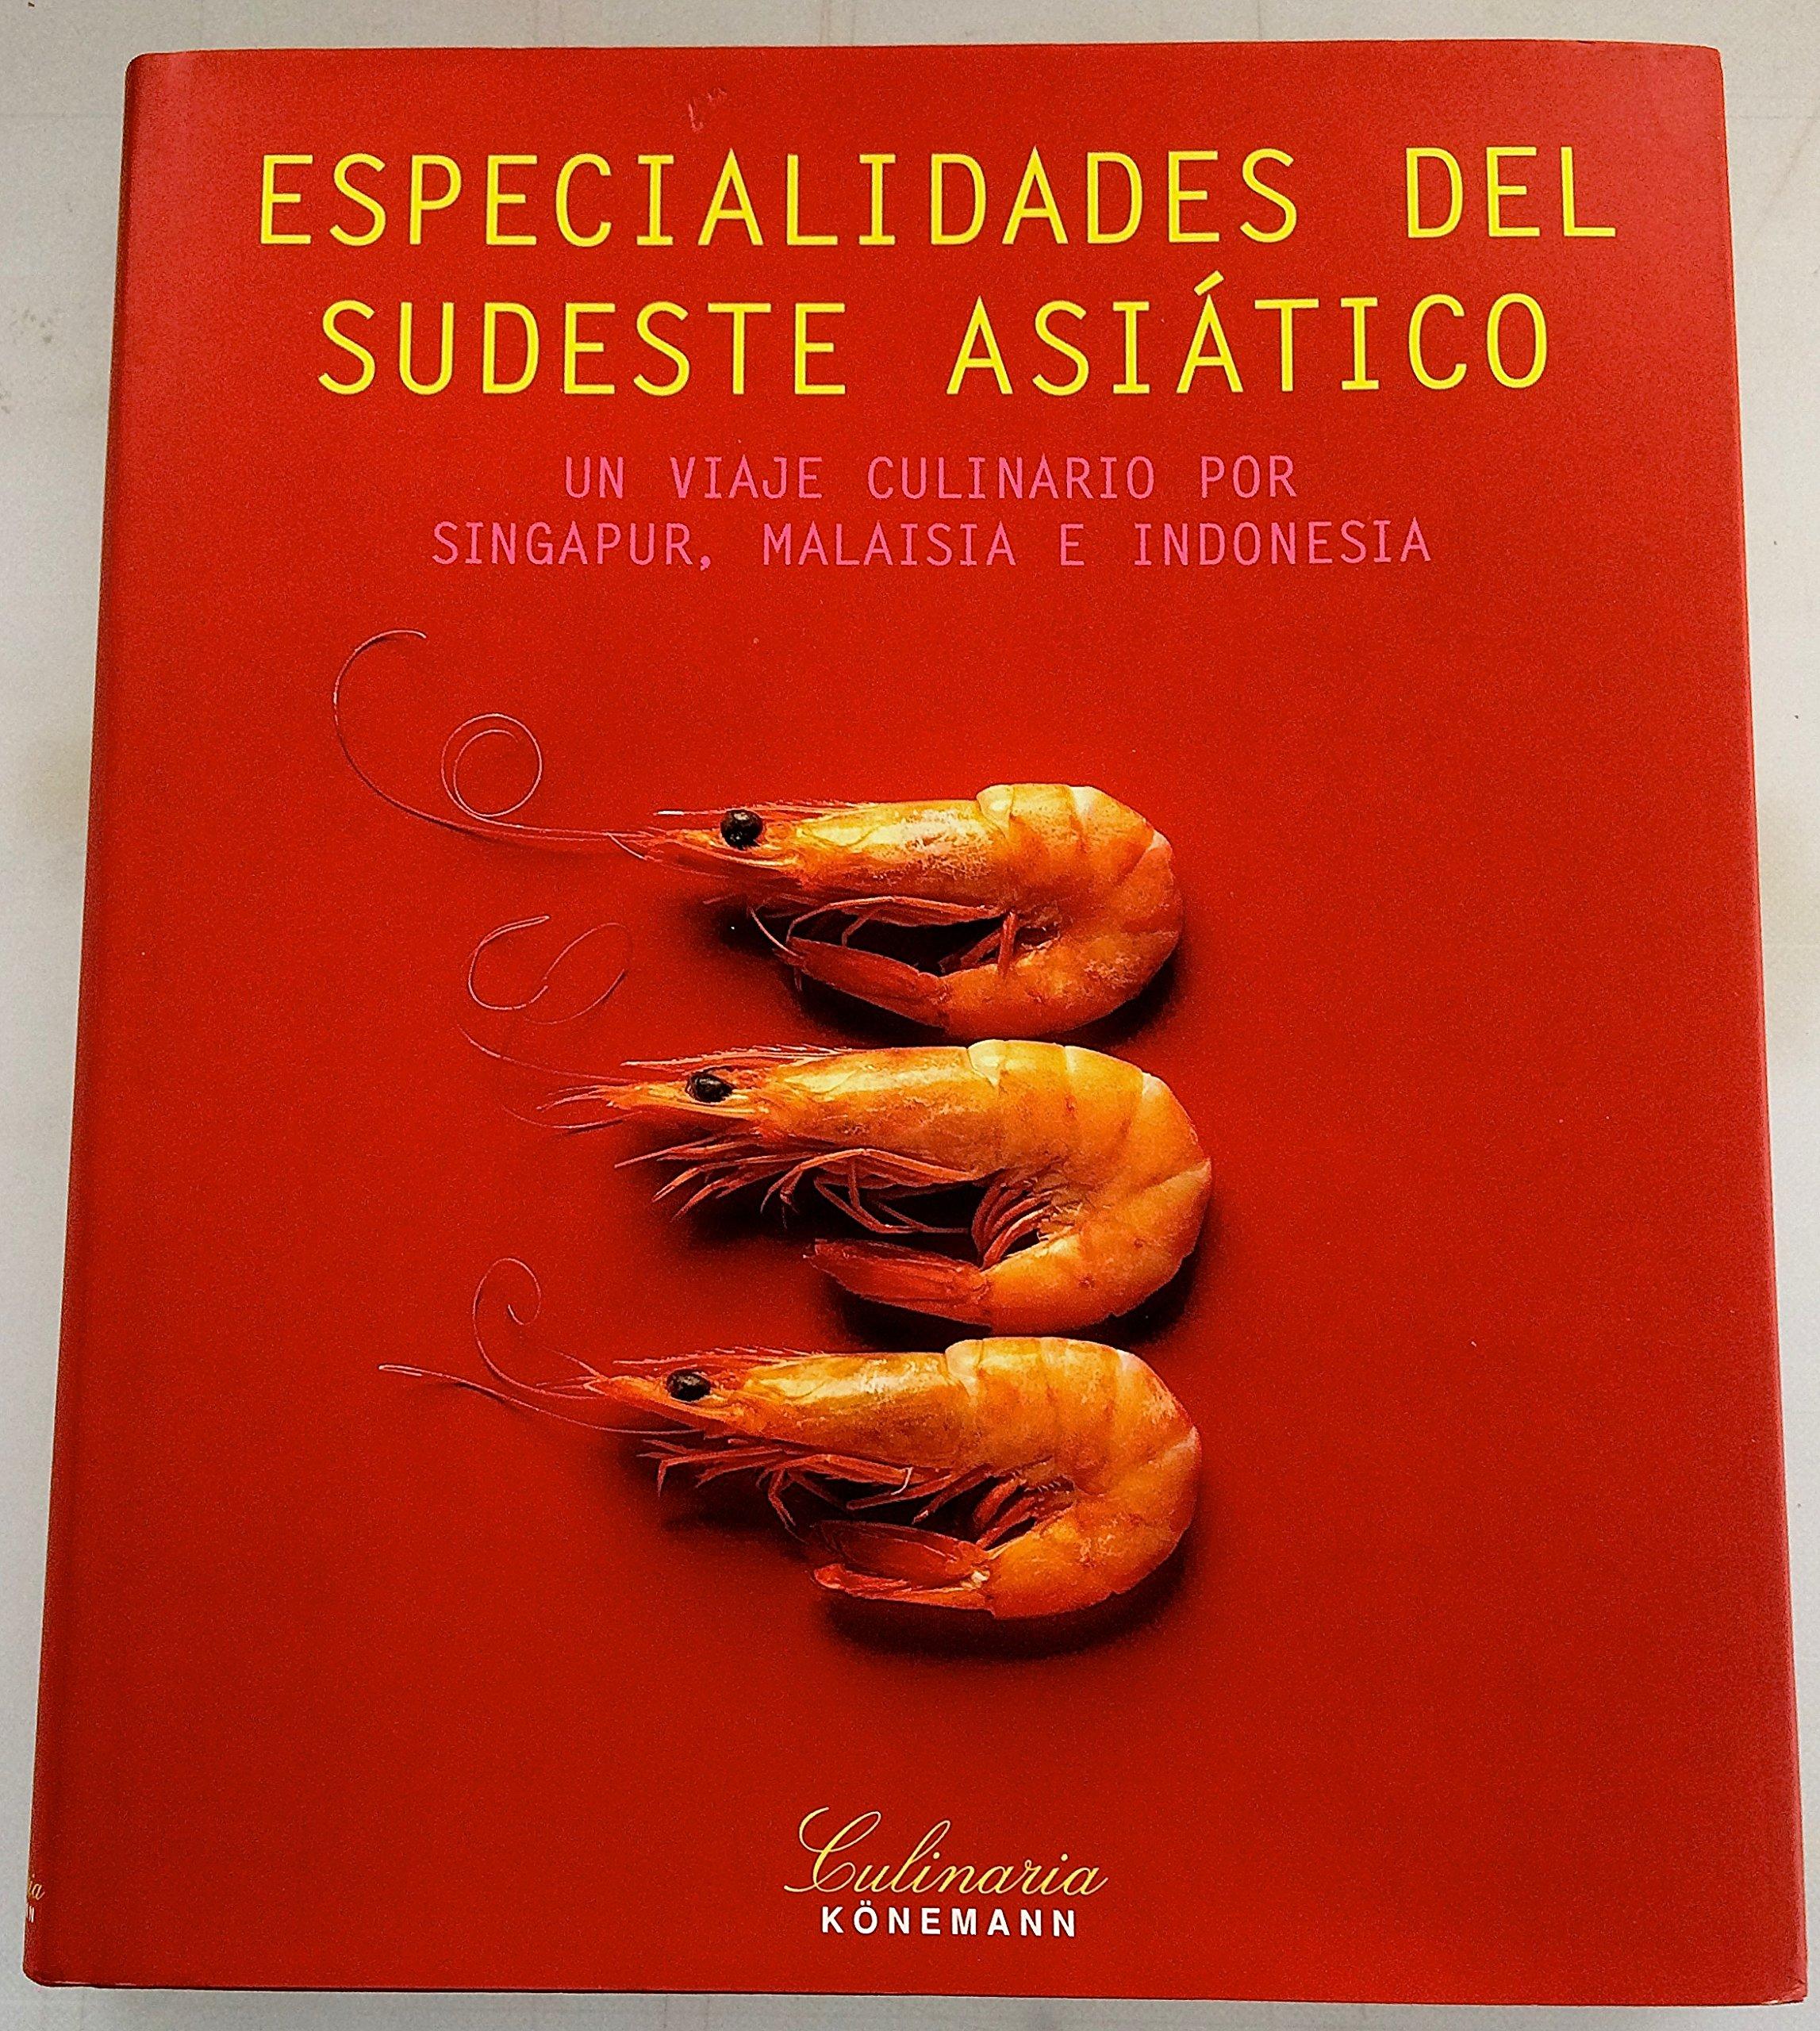 Especialidades Del Sudeste Asiatico: Un Viaje Culinario por Singapur, Malisia, e Indonesia (Spanish Edition): Rosalinde Mowe: 9783829026178: Amazon.com: ...